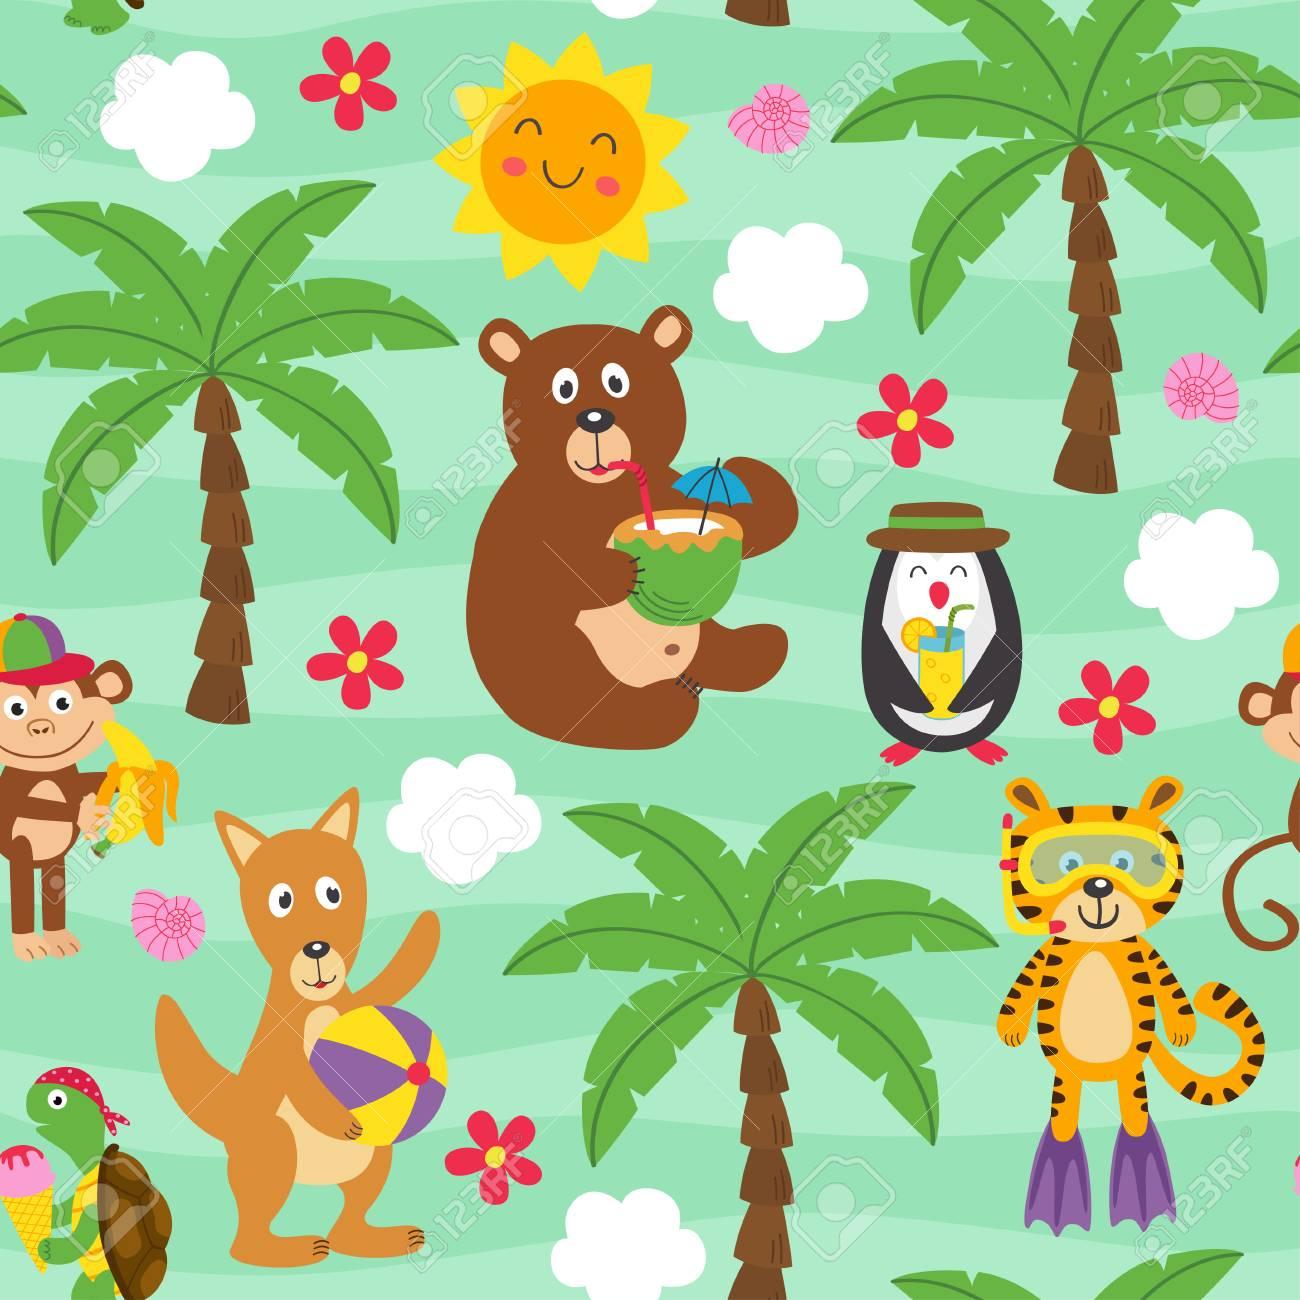 seamless animal pattern - vector illustration - 123539385